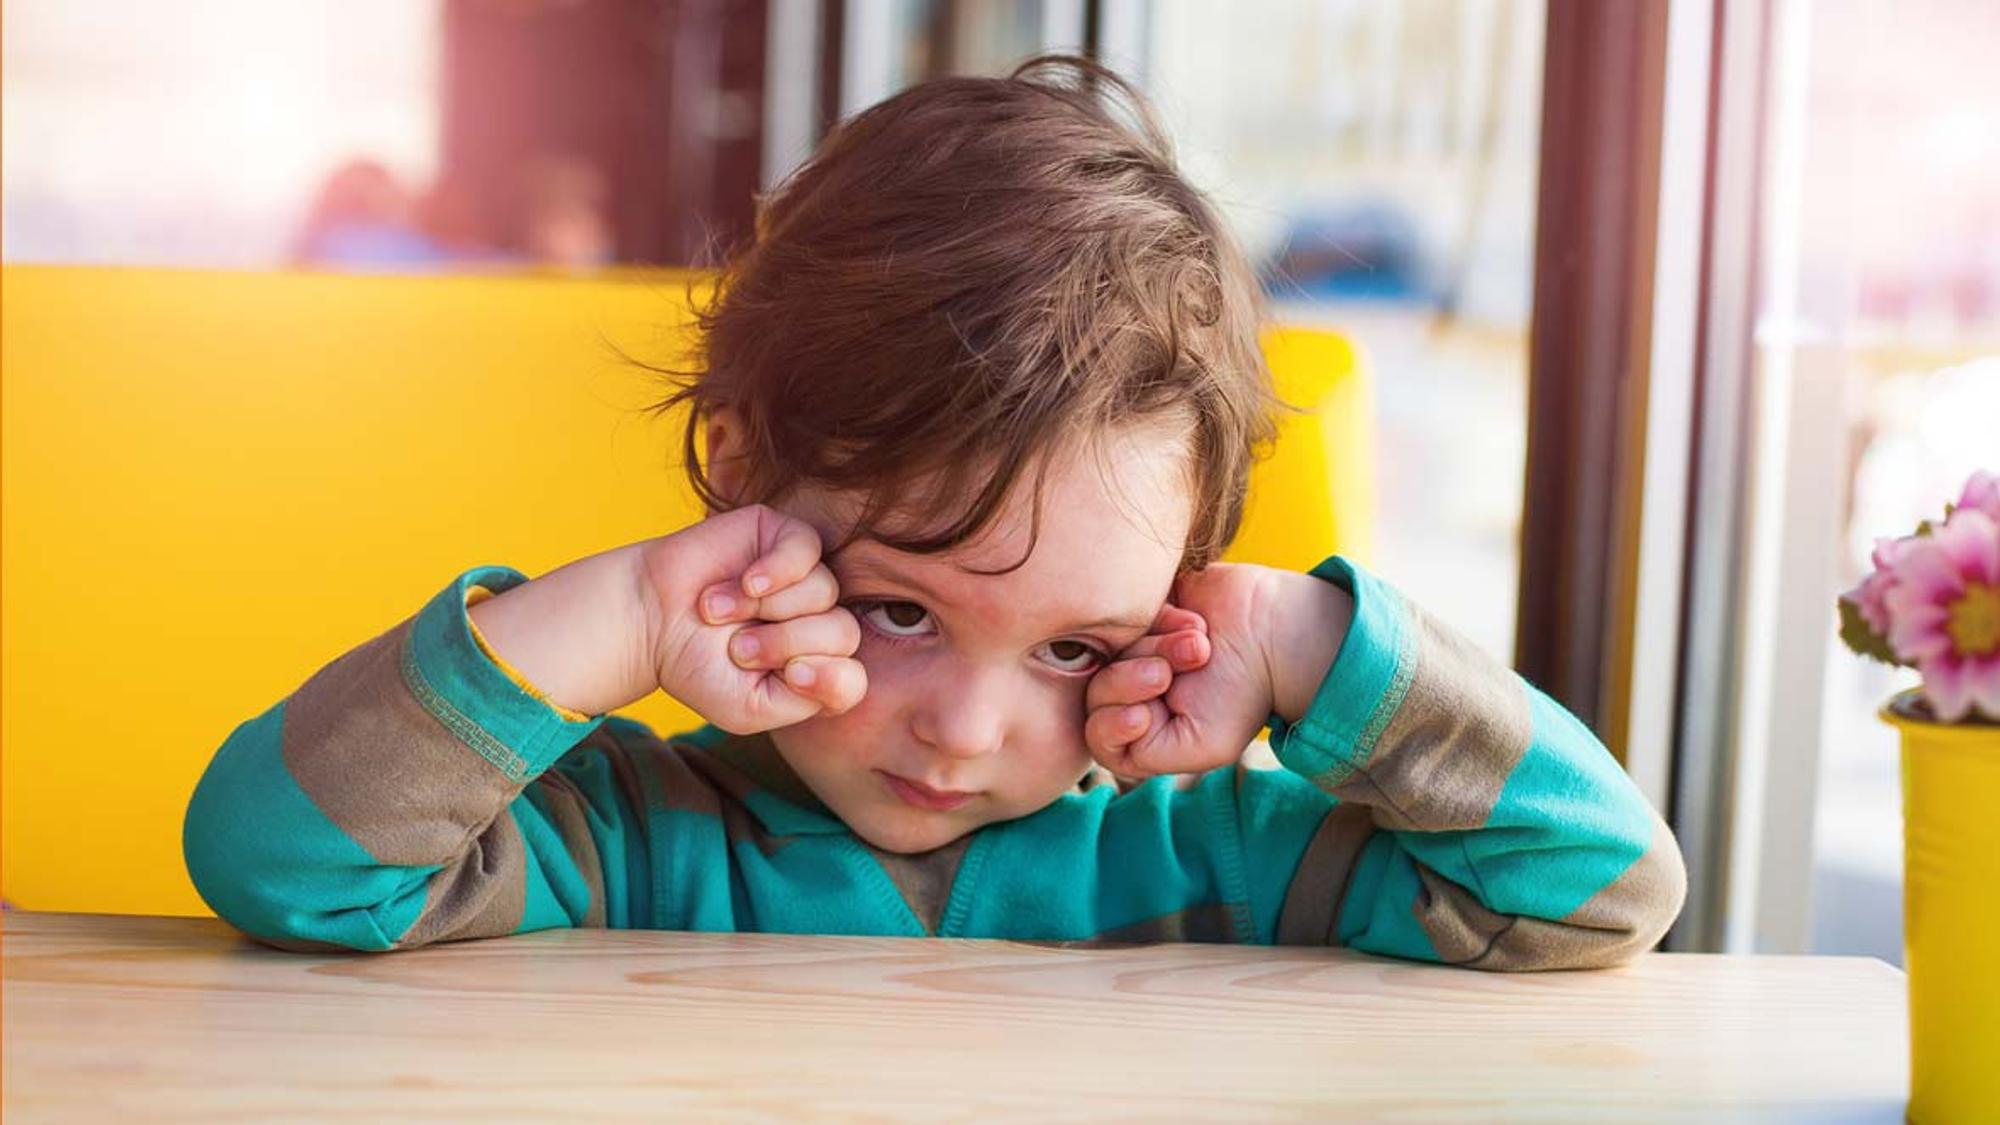 Bindehautentzündung bei Kindern: Das musst du wissen.